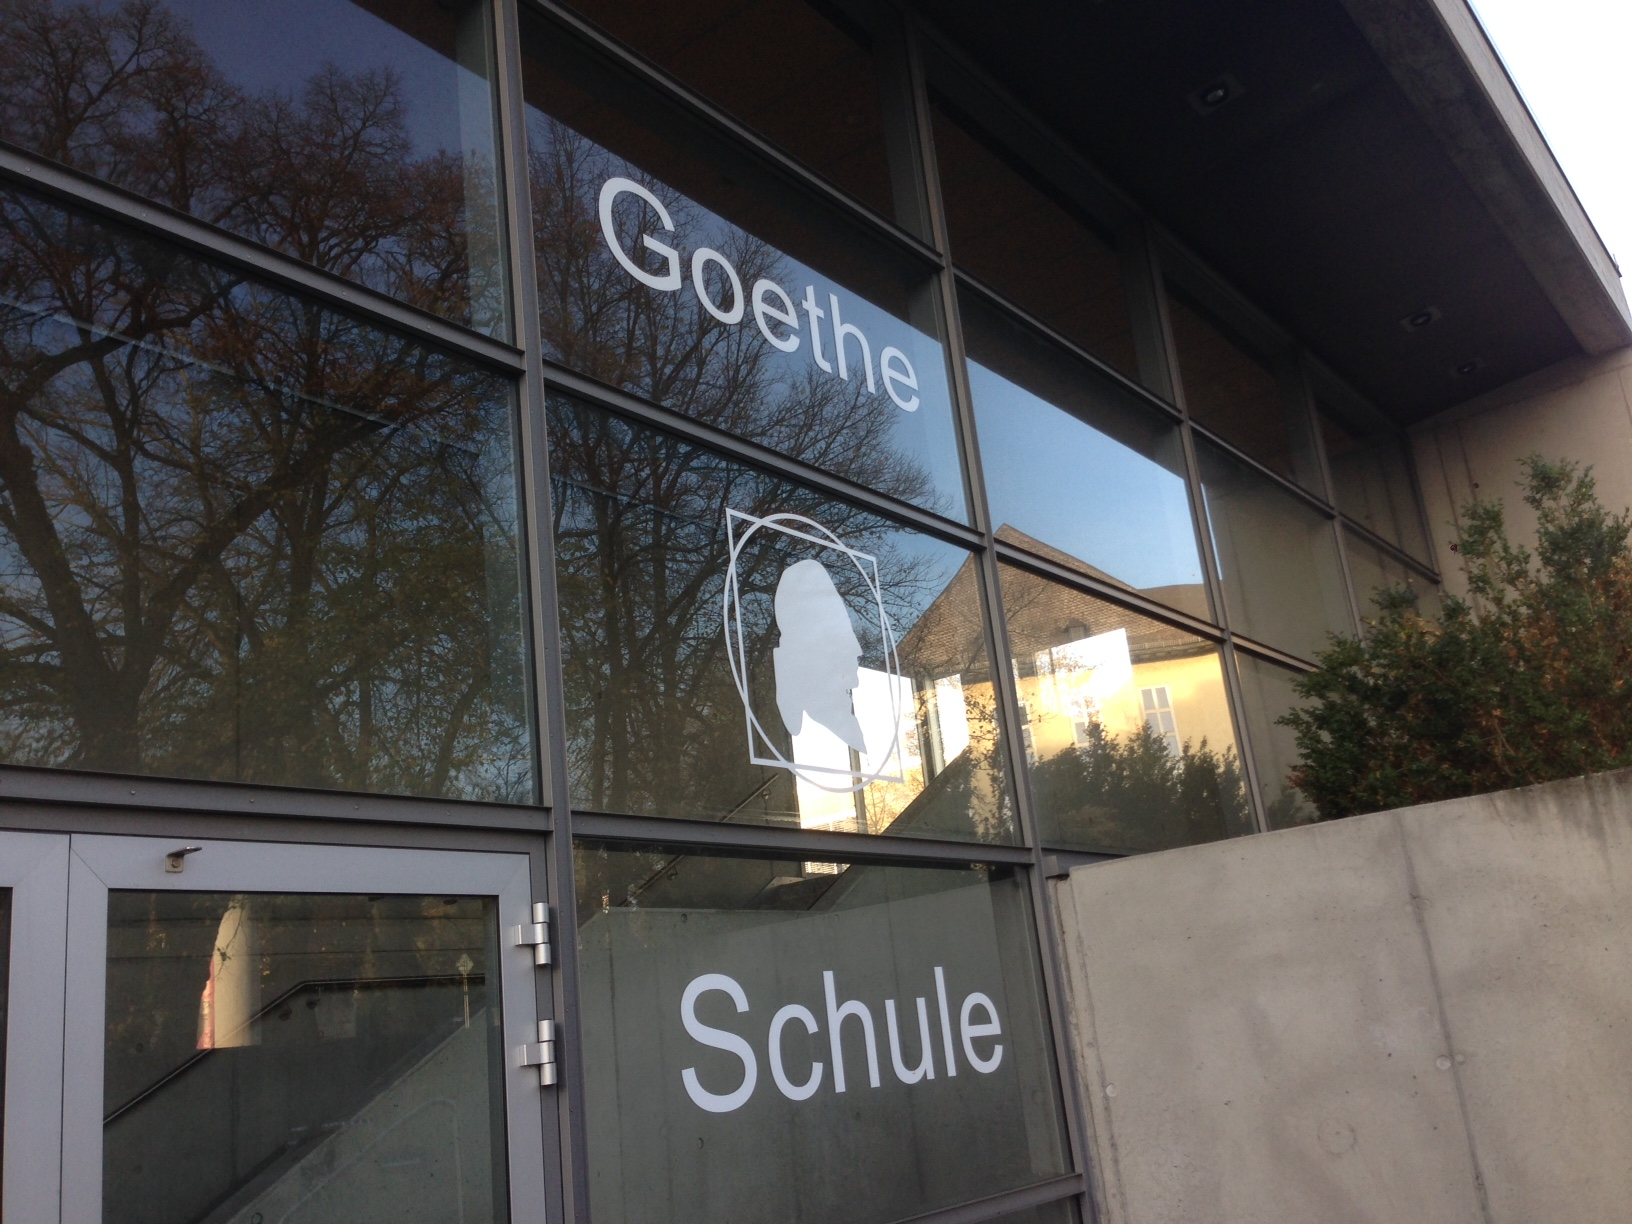 Eingangsportal der Goetheschule in Wetzlar